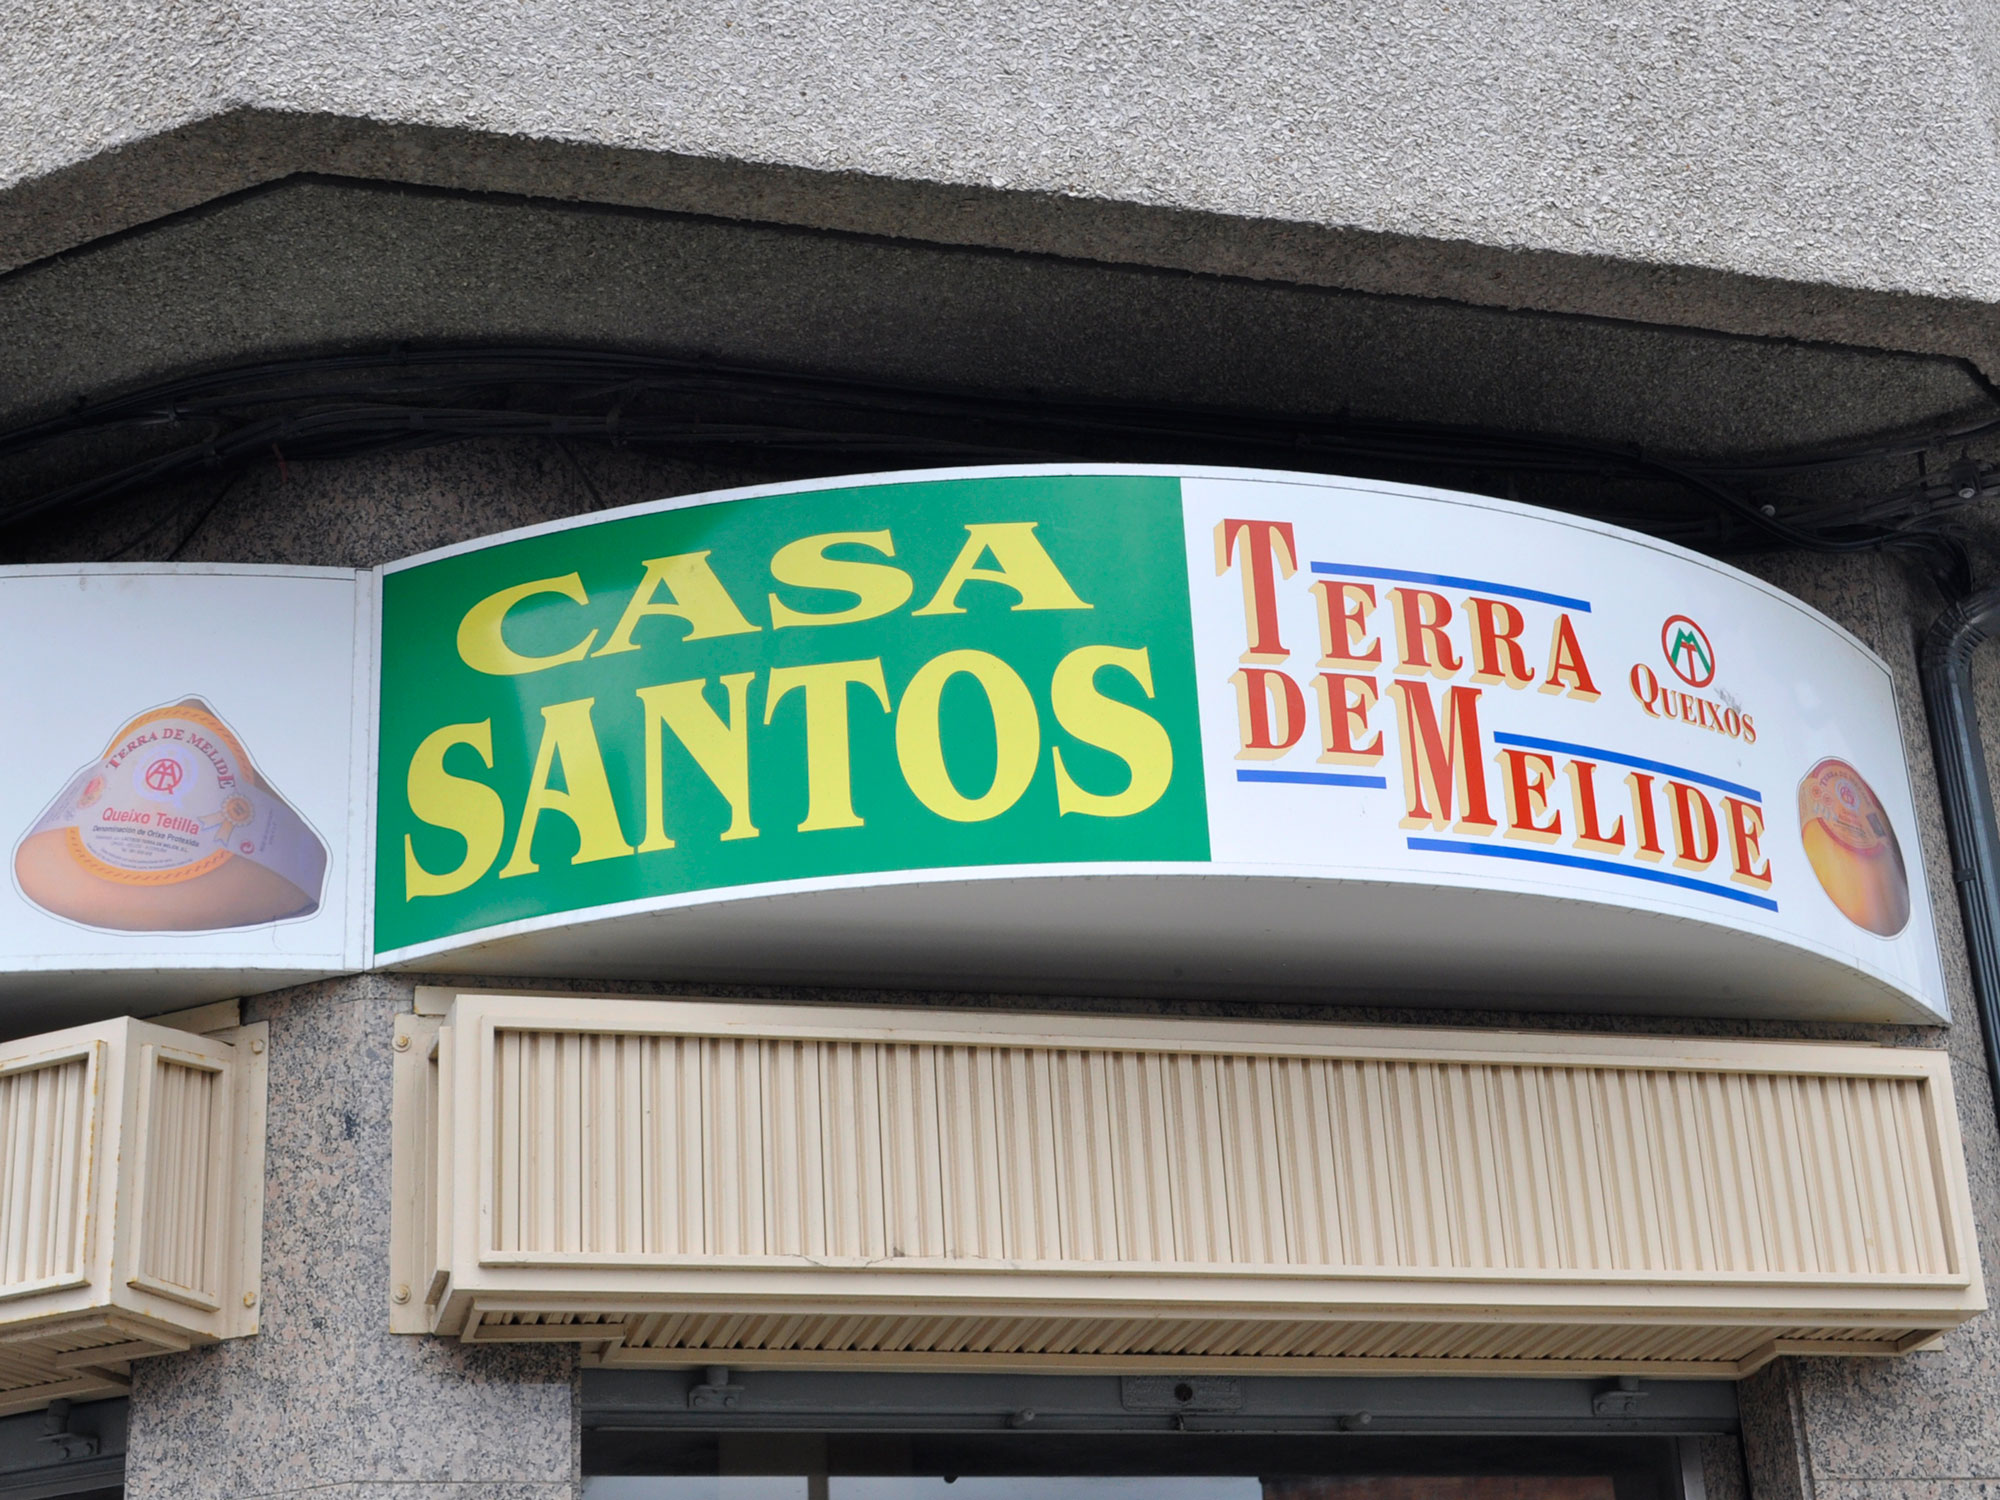 Socios Comercio Asetem Asociaci N Empresarios Terra De Melide # Muebles Bujan Melide